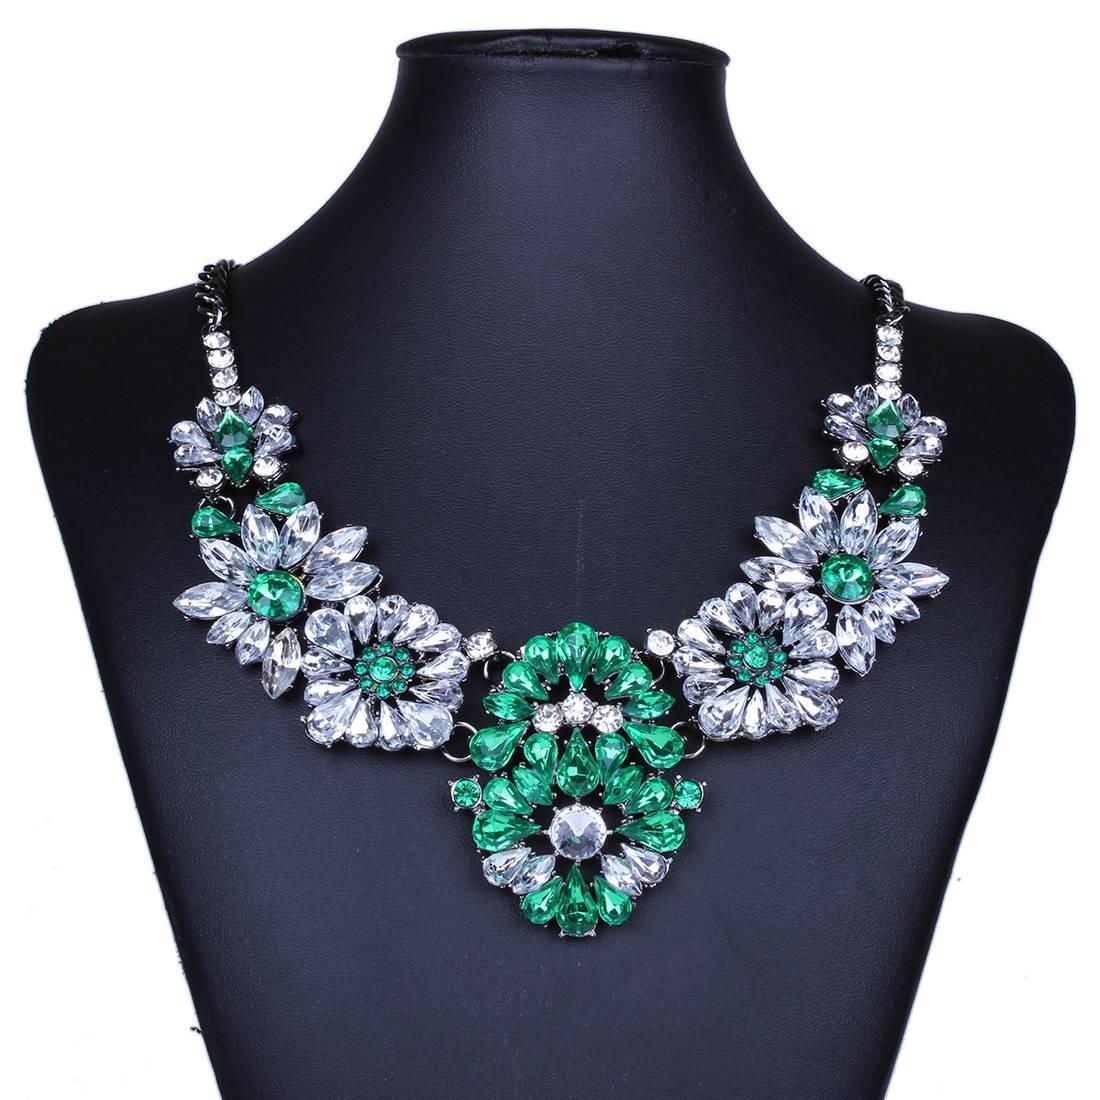 Vintage Gemstone Flower Statement Necklace For Women